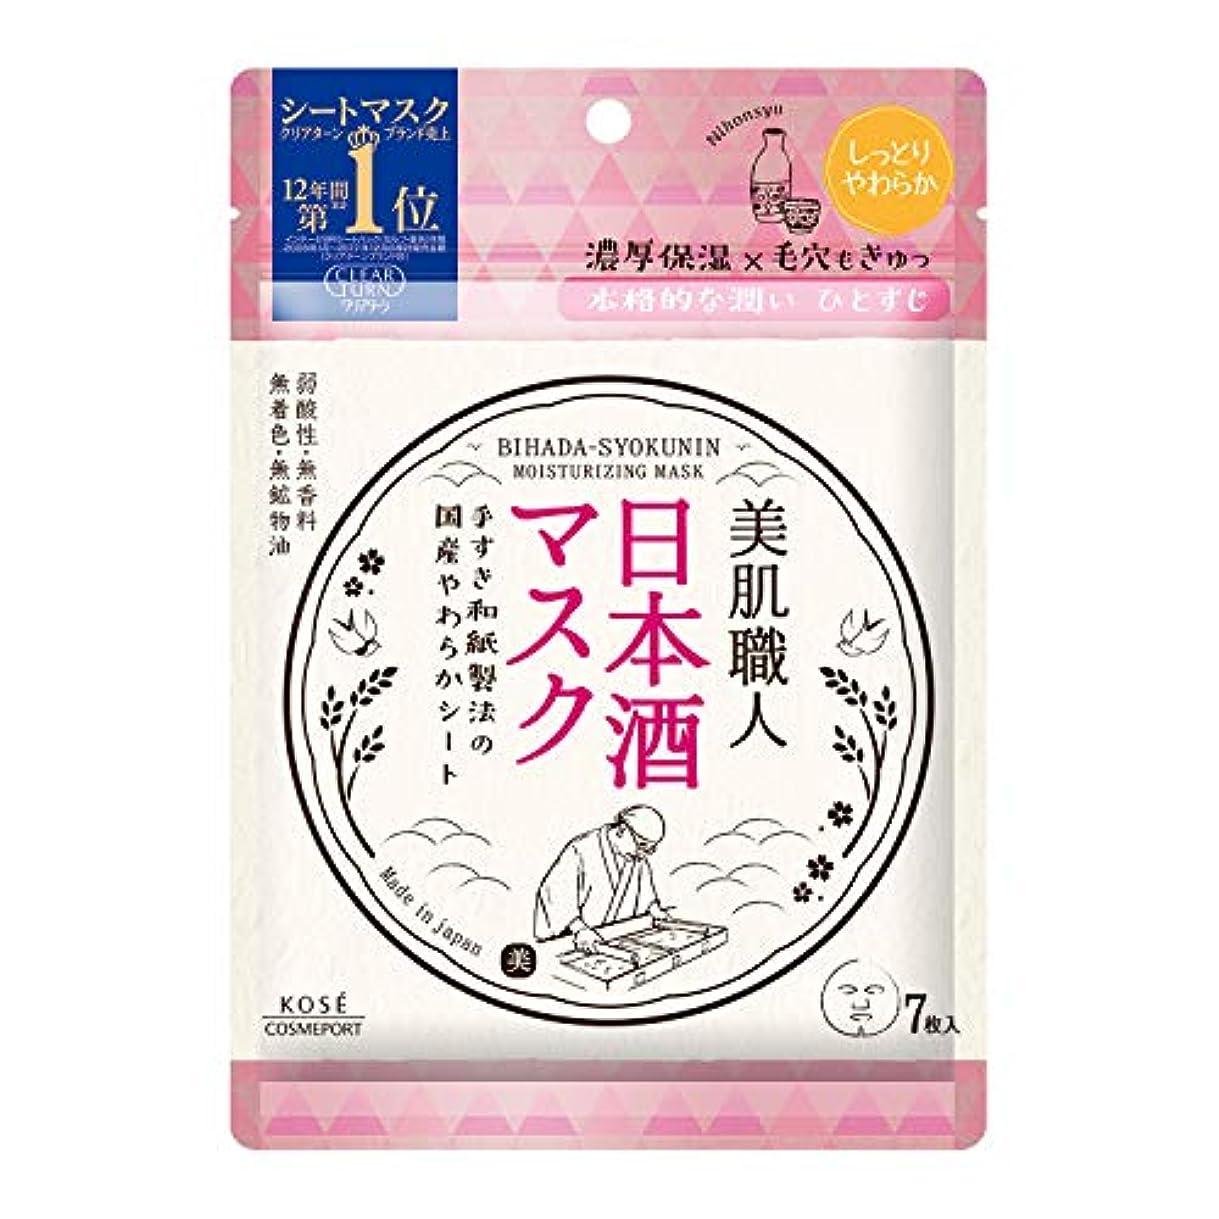 やりすぎ答えコメントKOSE コーセー クリアターン 美肌職人 日本酒 マスク 7枚 フェイスマスク